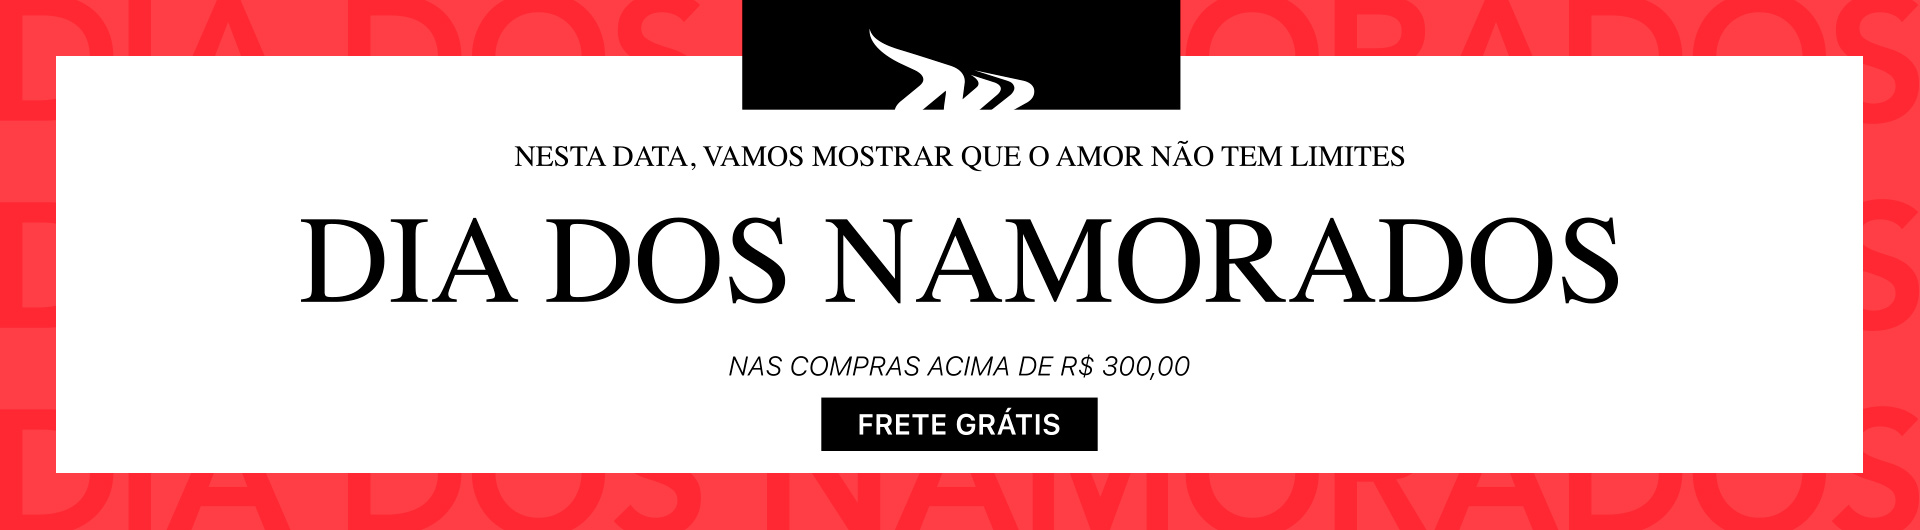 Promoção - Dia dos Namorados Onbongo - Frete Grátis